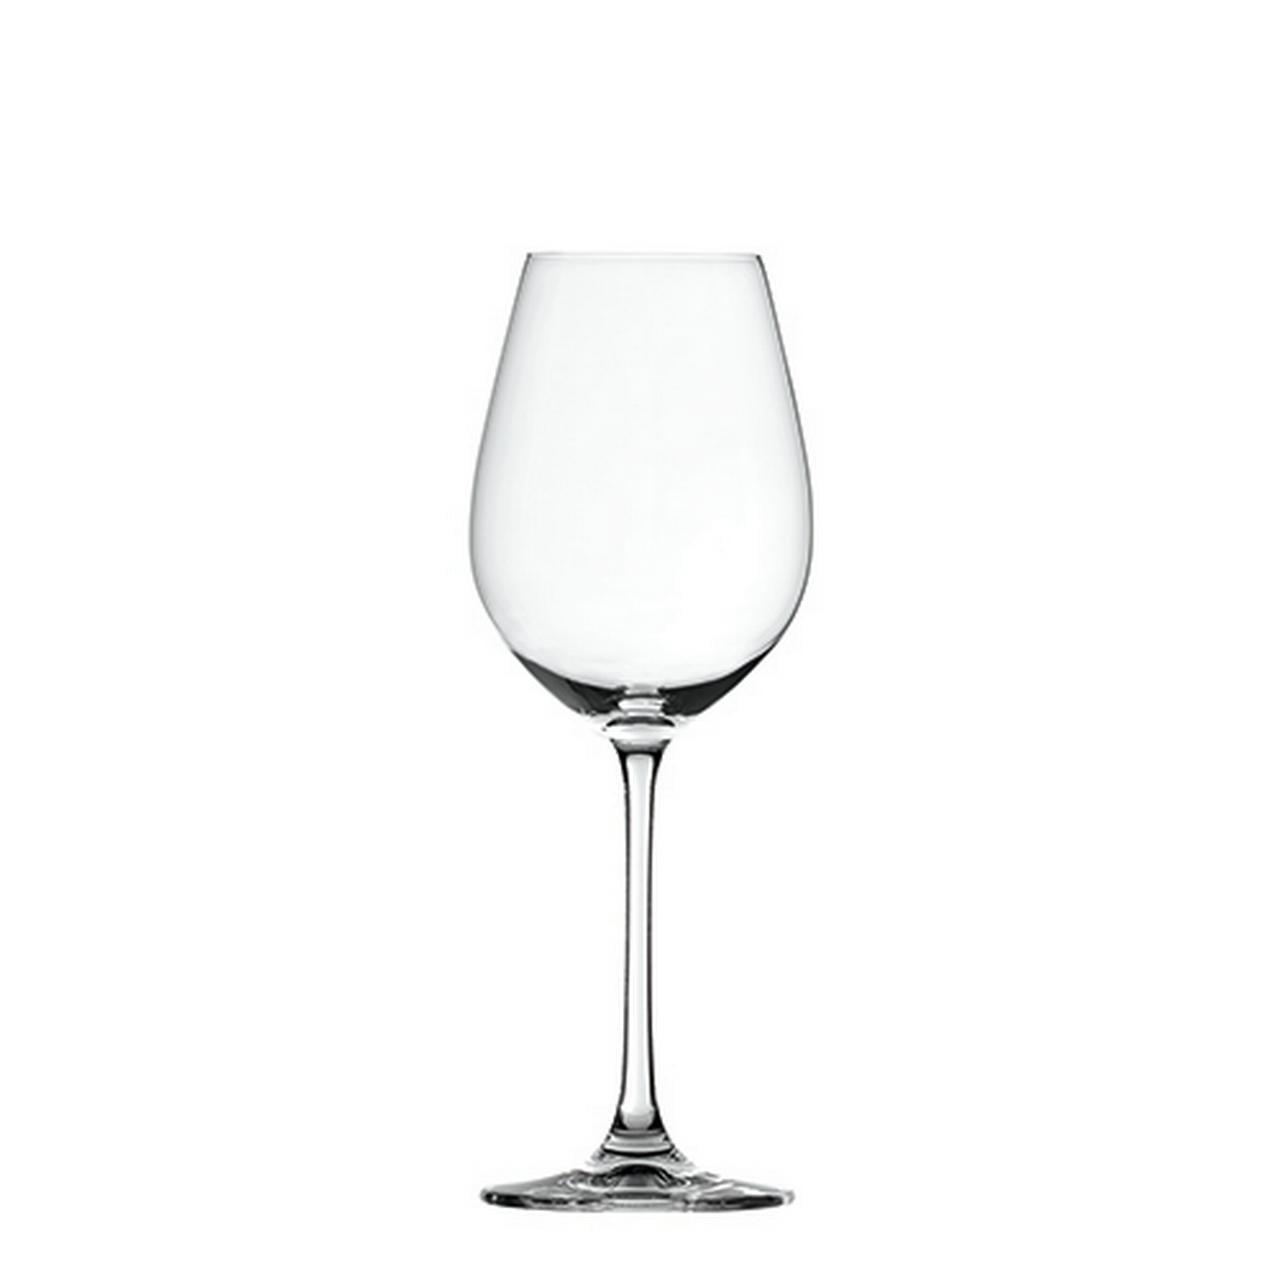 Spiegelau Salute 25 oz Bordeaux Glass (Set of 4) by Spiegelau